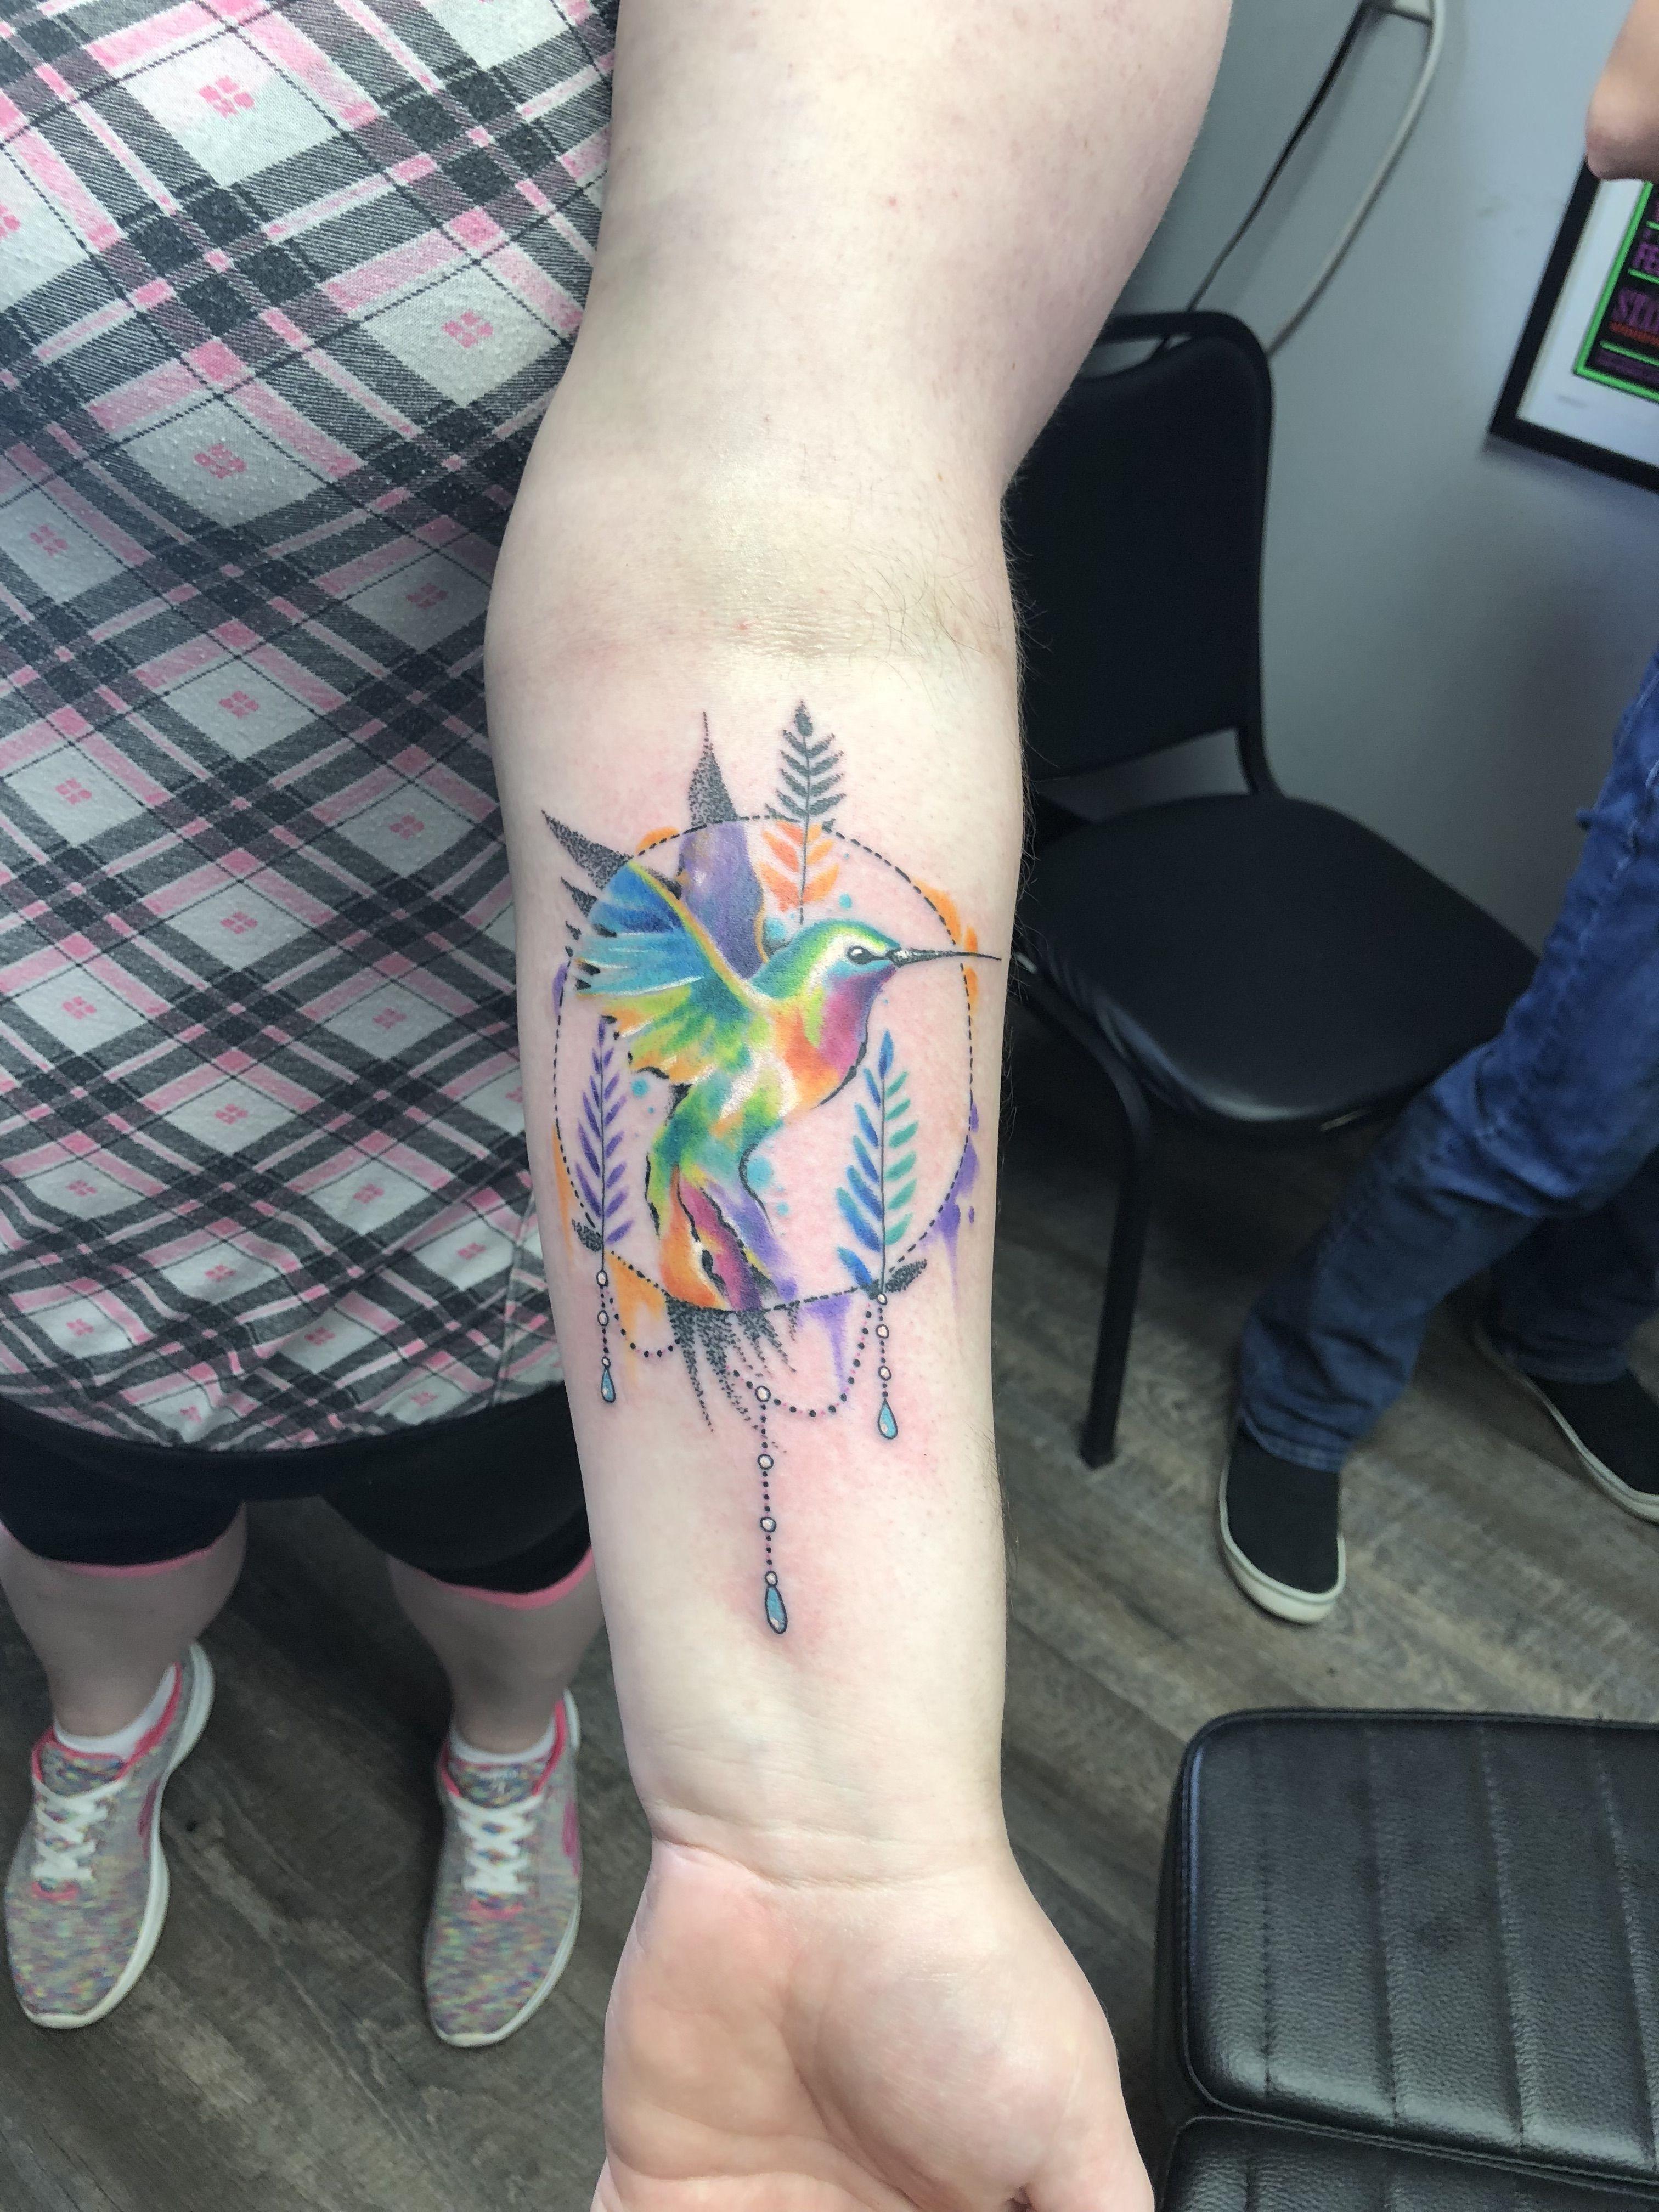 Watercolor Hummingbird Tattoo Done By Matt Hummingbirdtattoo